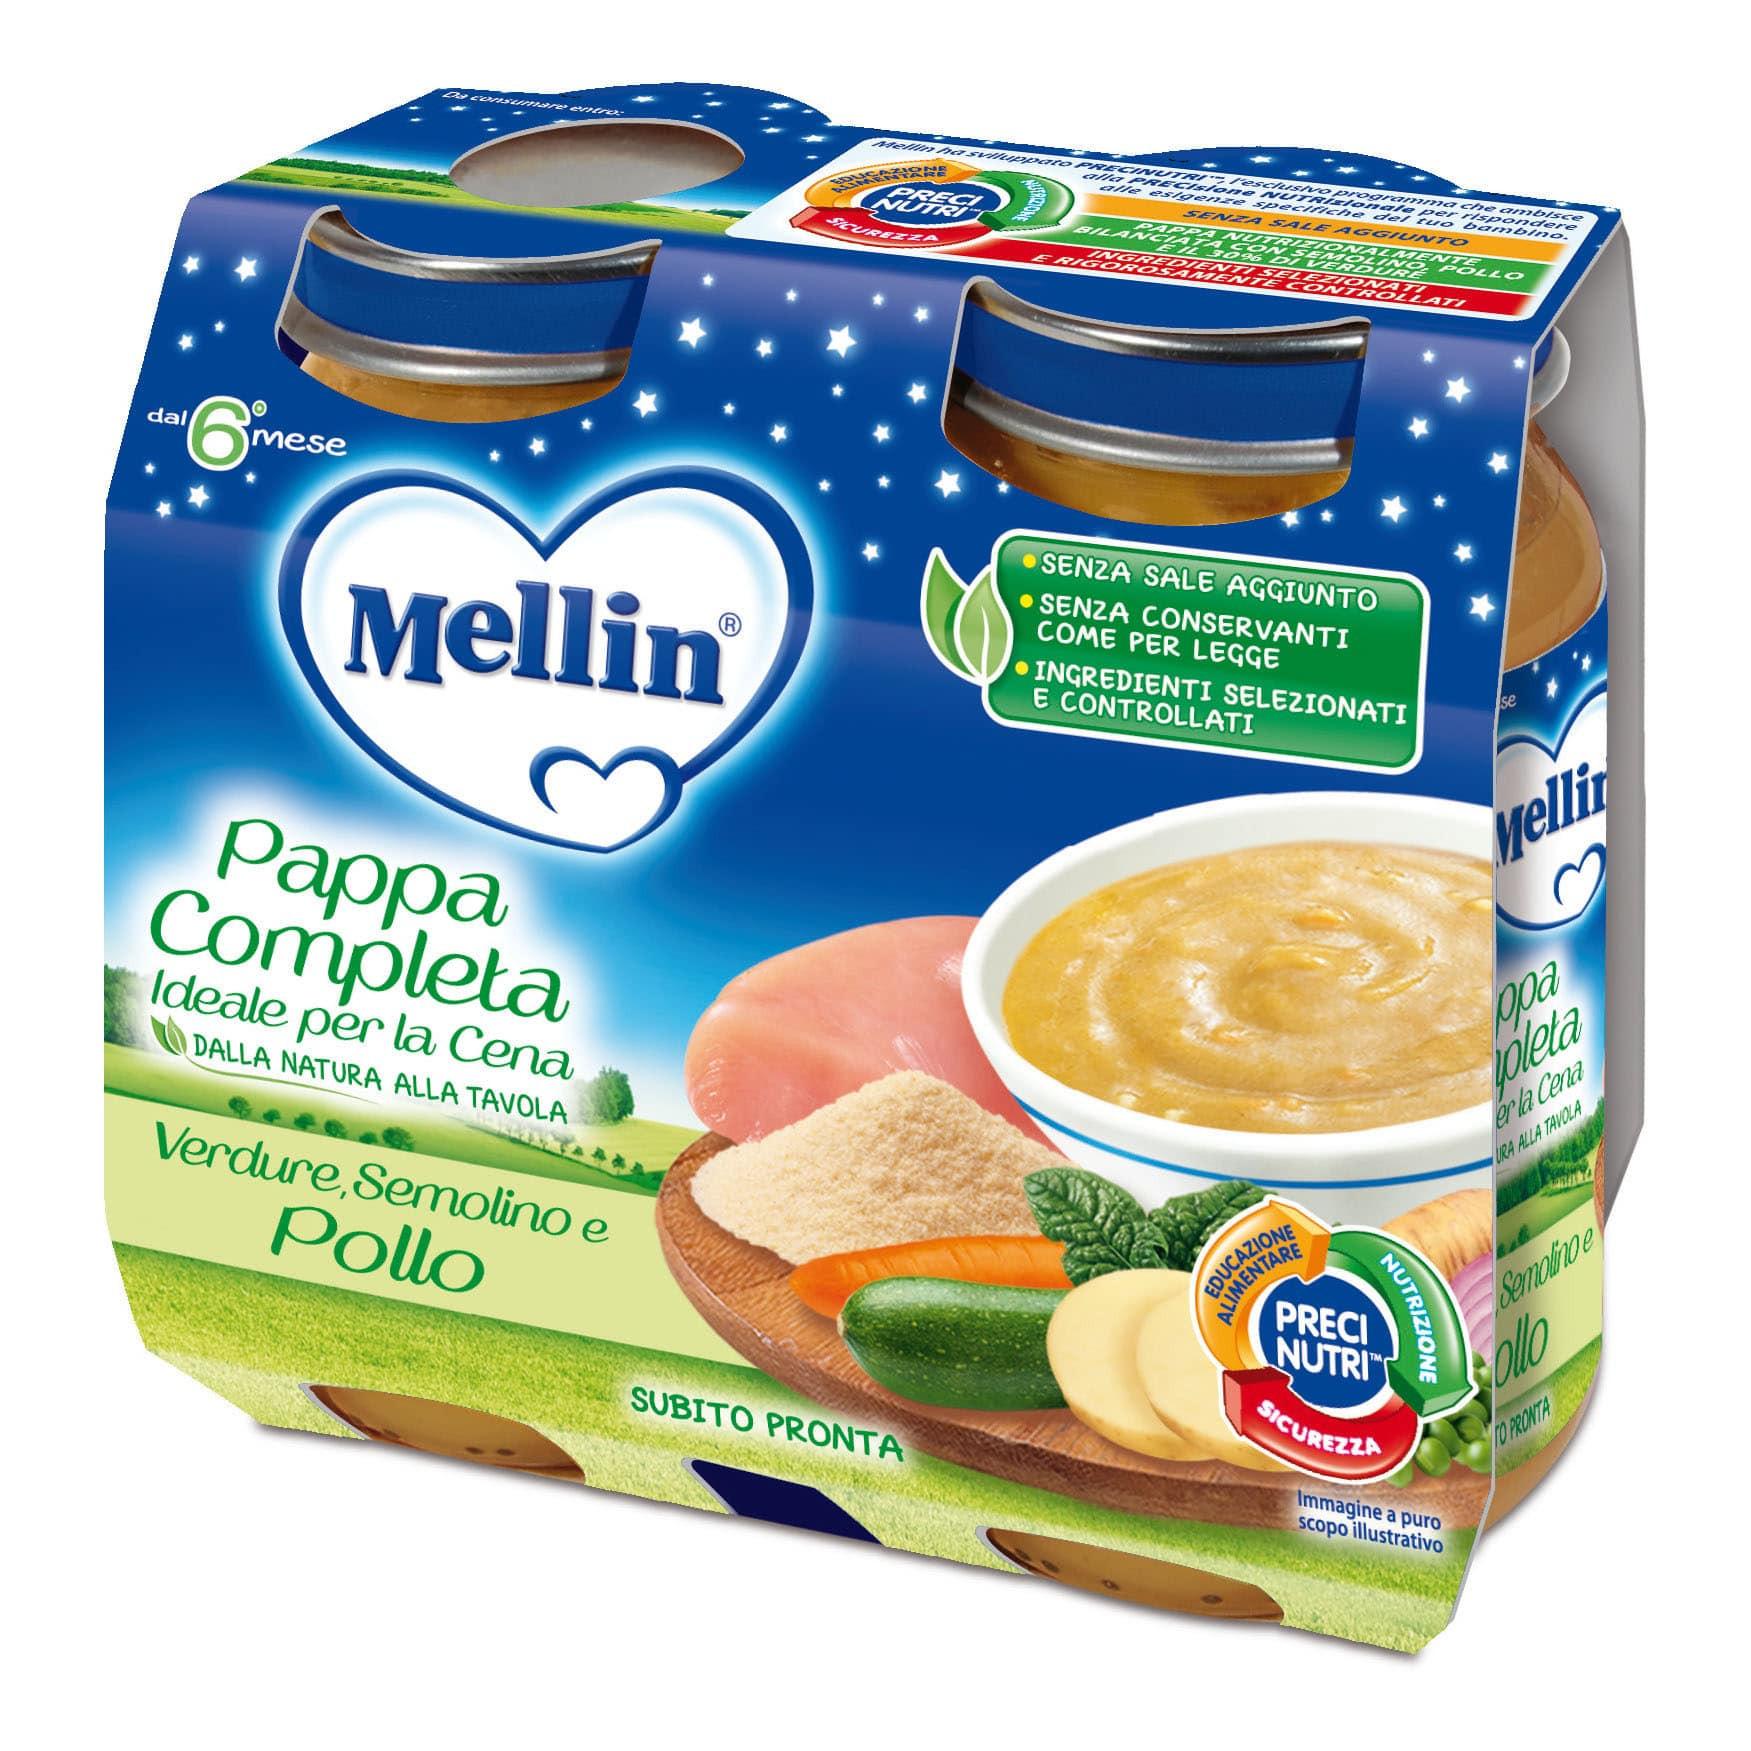 Pappa Completa Mellin - Verdure, Semolino e Pollo